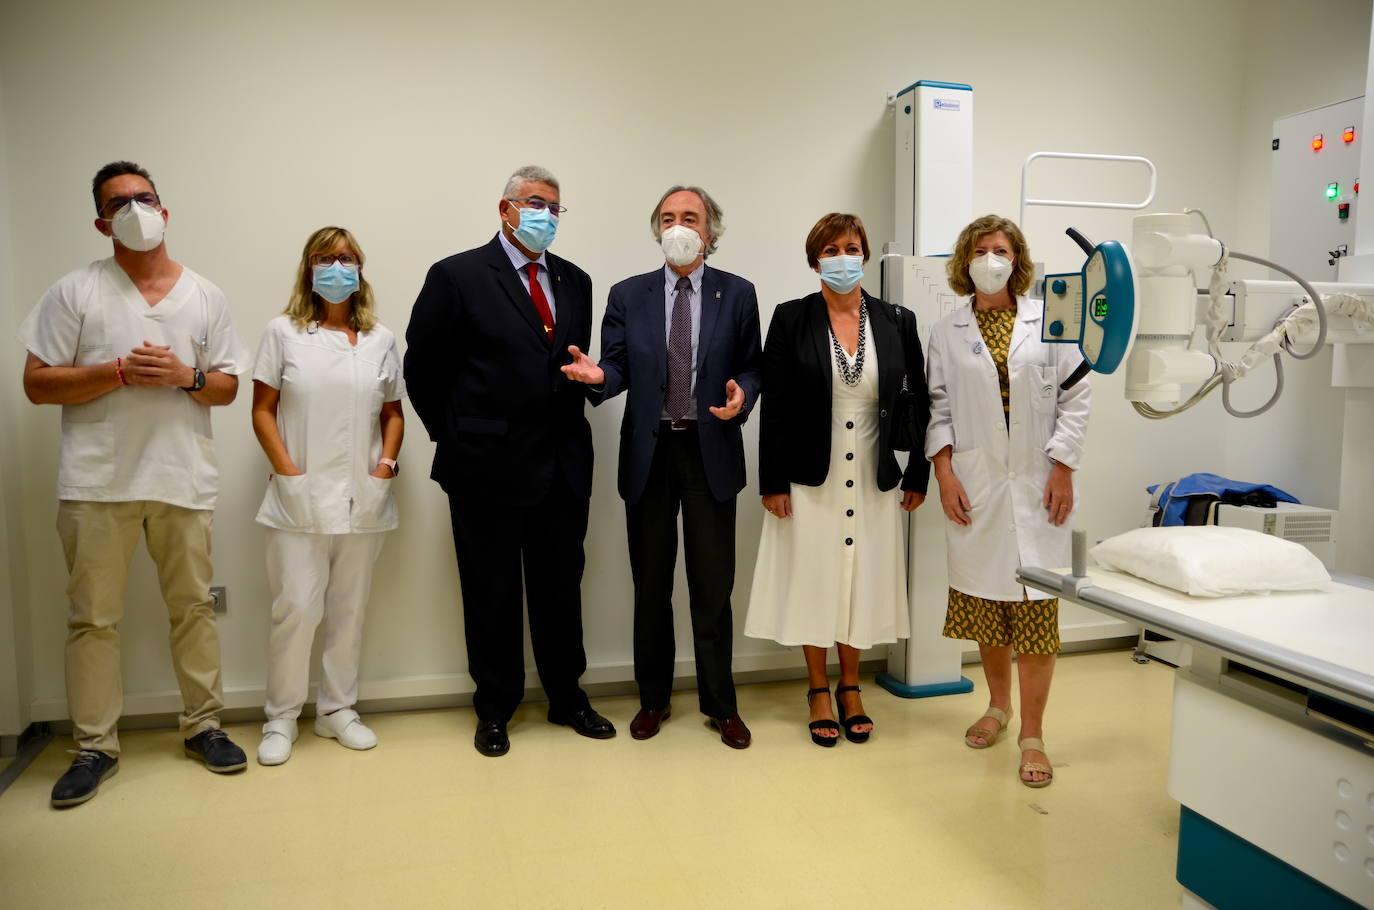 El delegado de Salud visita el servicio de rayos X del centro médico de Huétor Vega